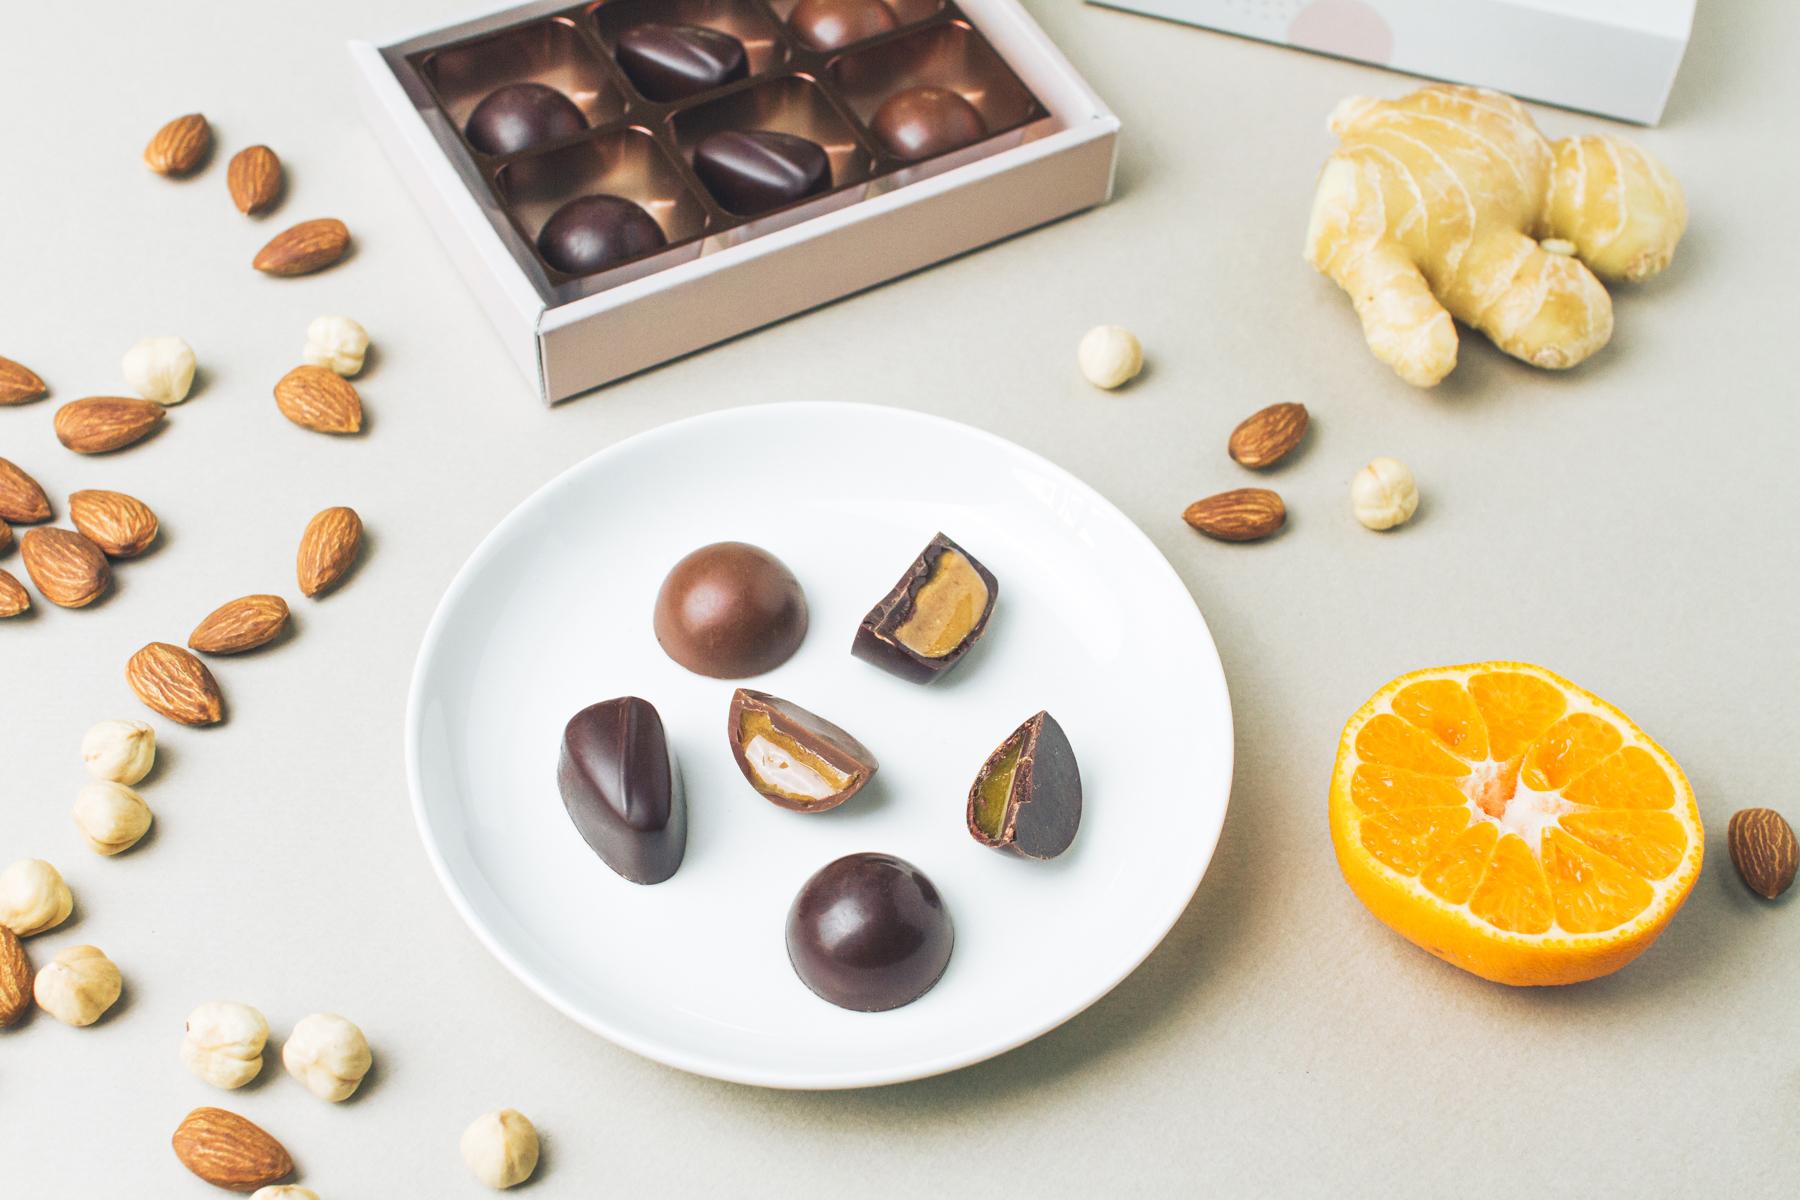 snaq .meのご自愛バレンタイン:専属パティシエとショコラティエが一粒ずつ手作りで作る『オリジナルボンボンショコラ』を発売開始